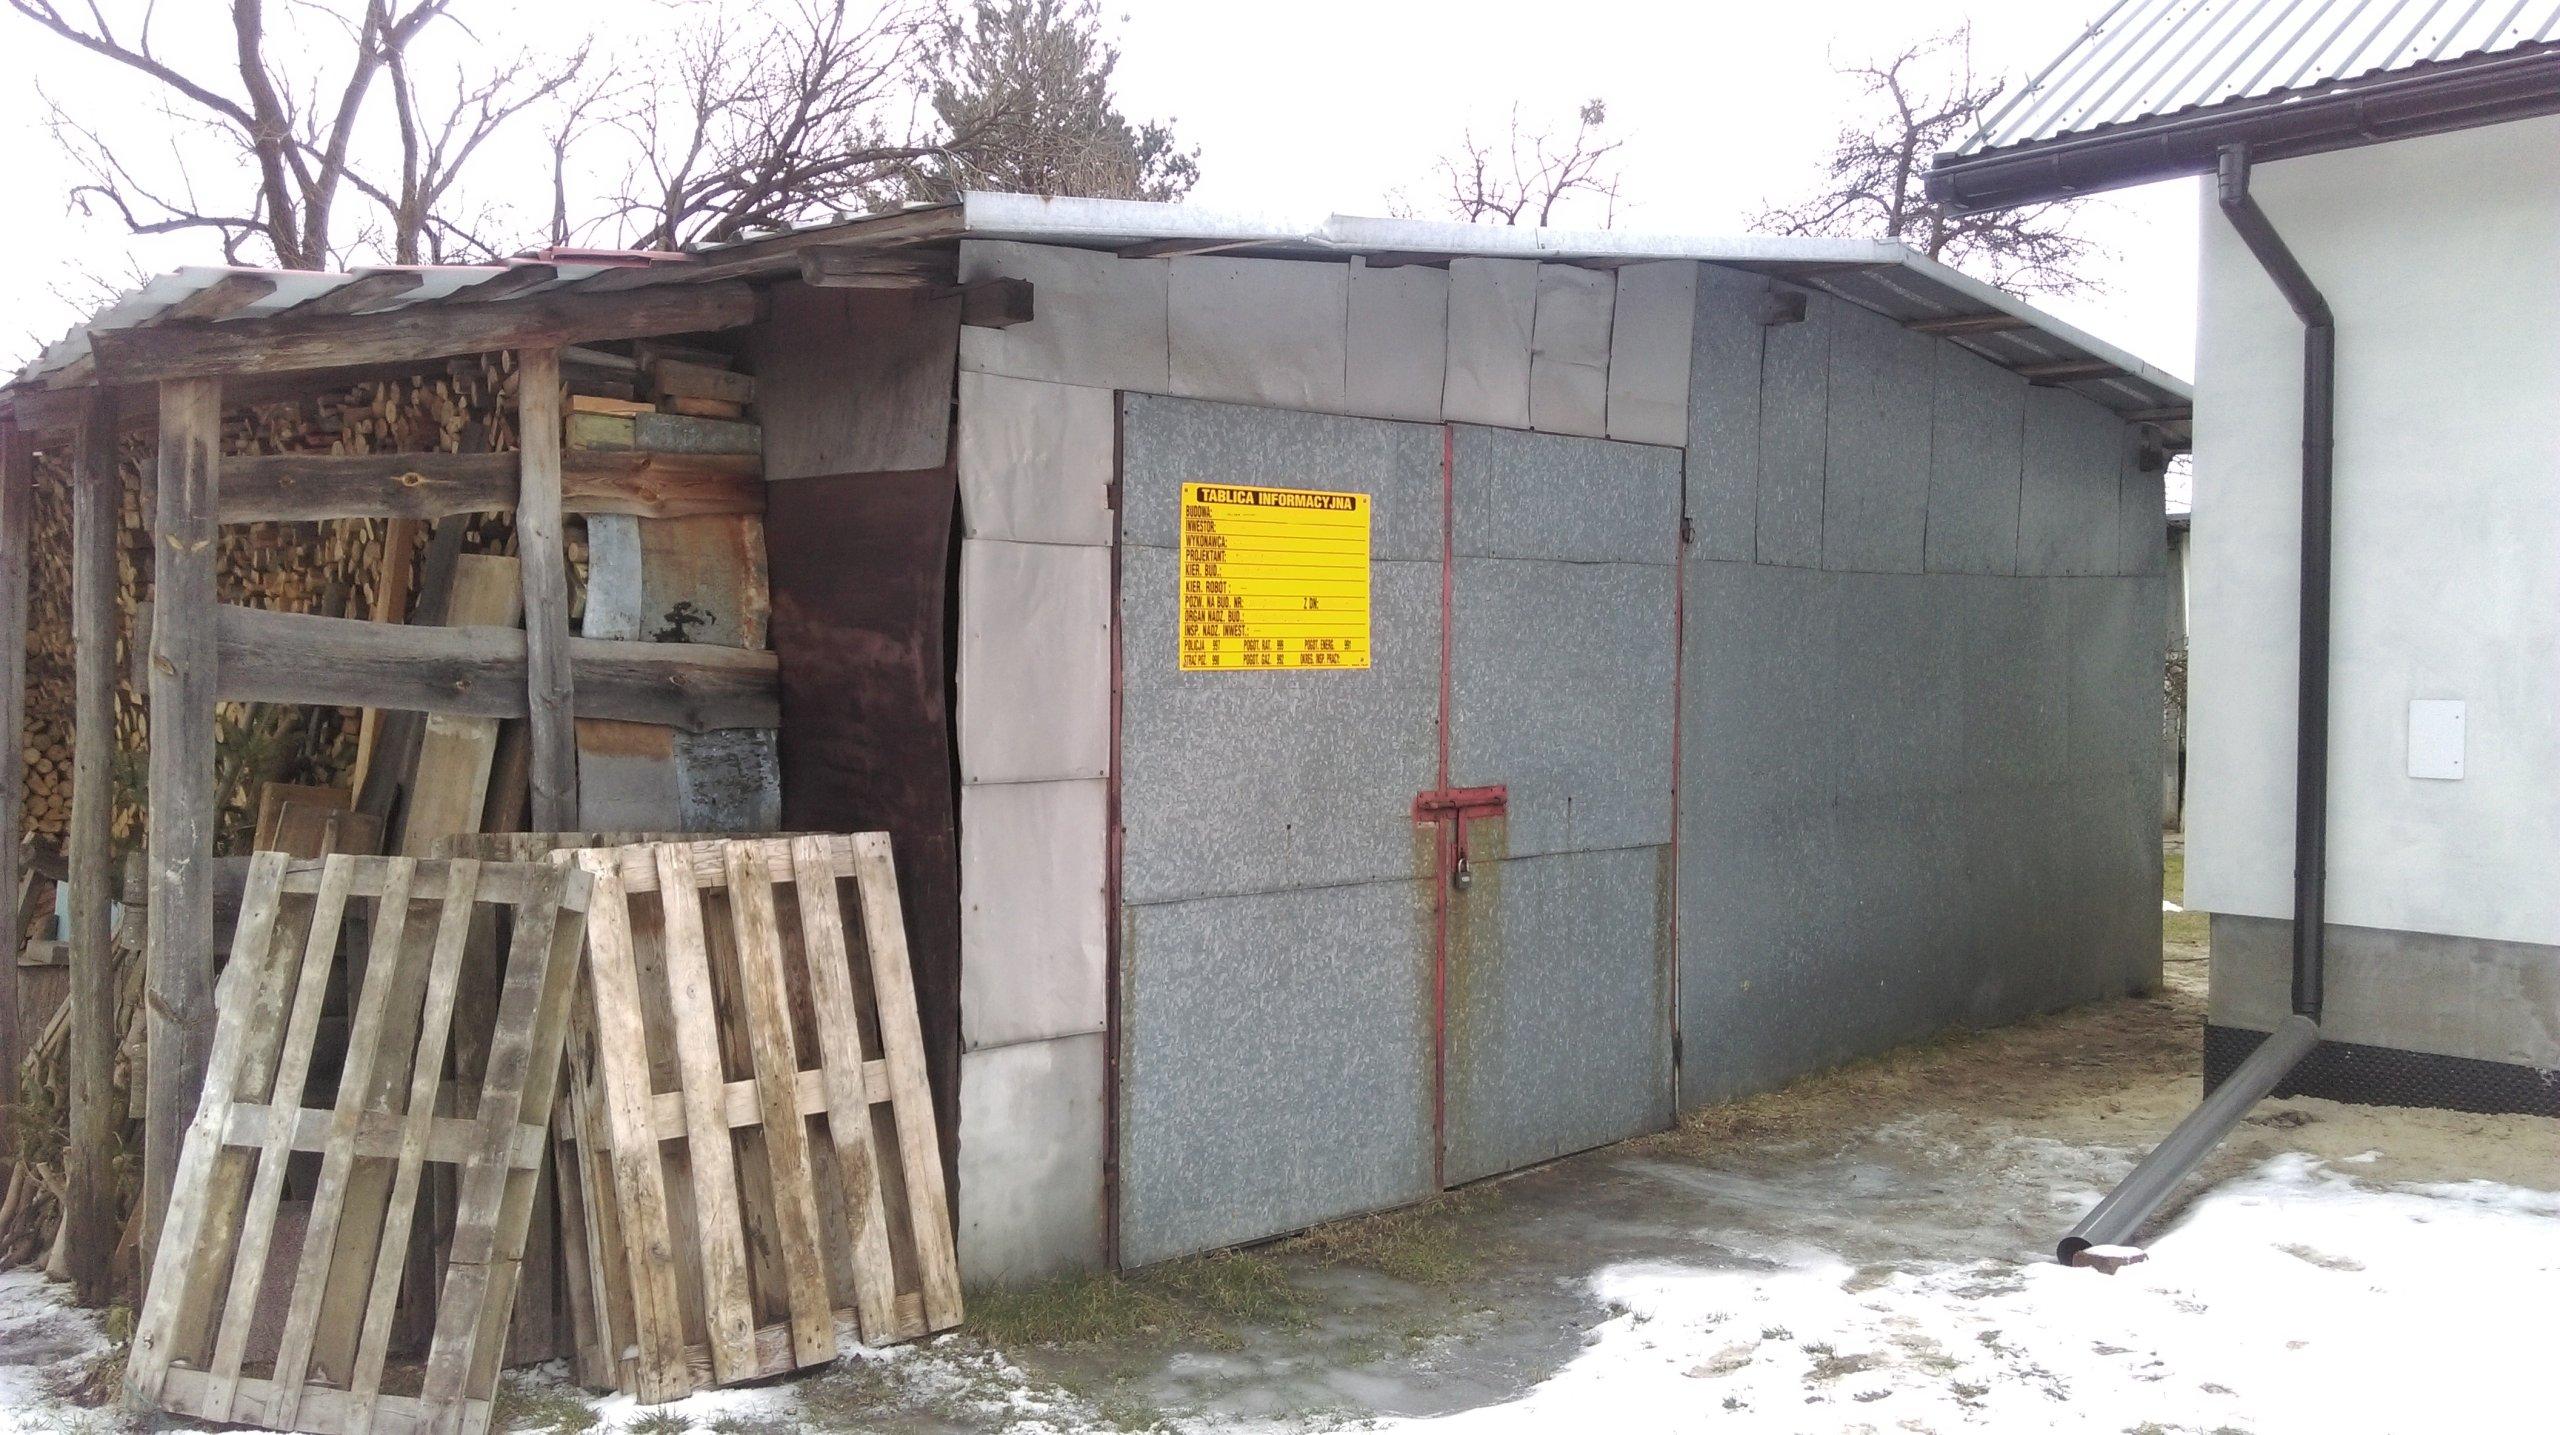 Nowość Garaż blaszak 5x7 m 2,5 m wysoki brama - 7269082651 - oficjalne TX21